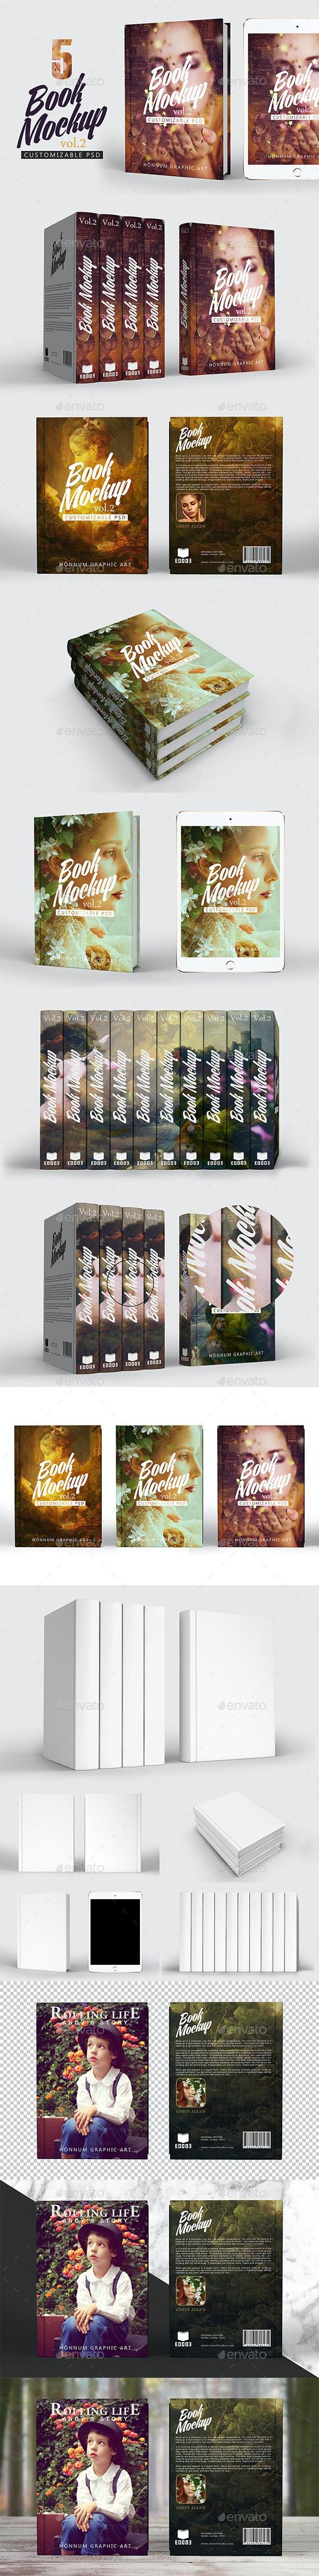 Book Mockup Vol 2 - Product Mock-Ups Graphics